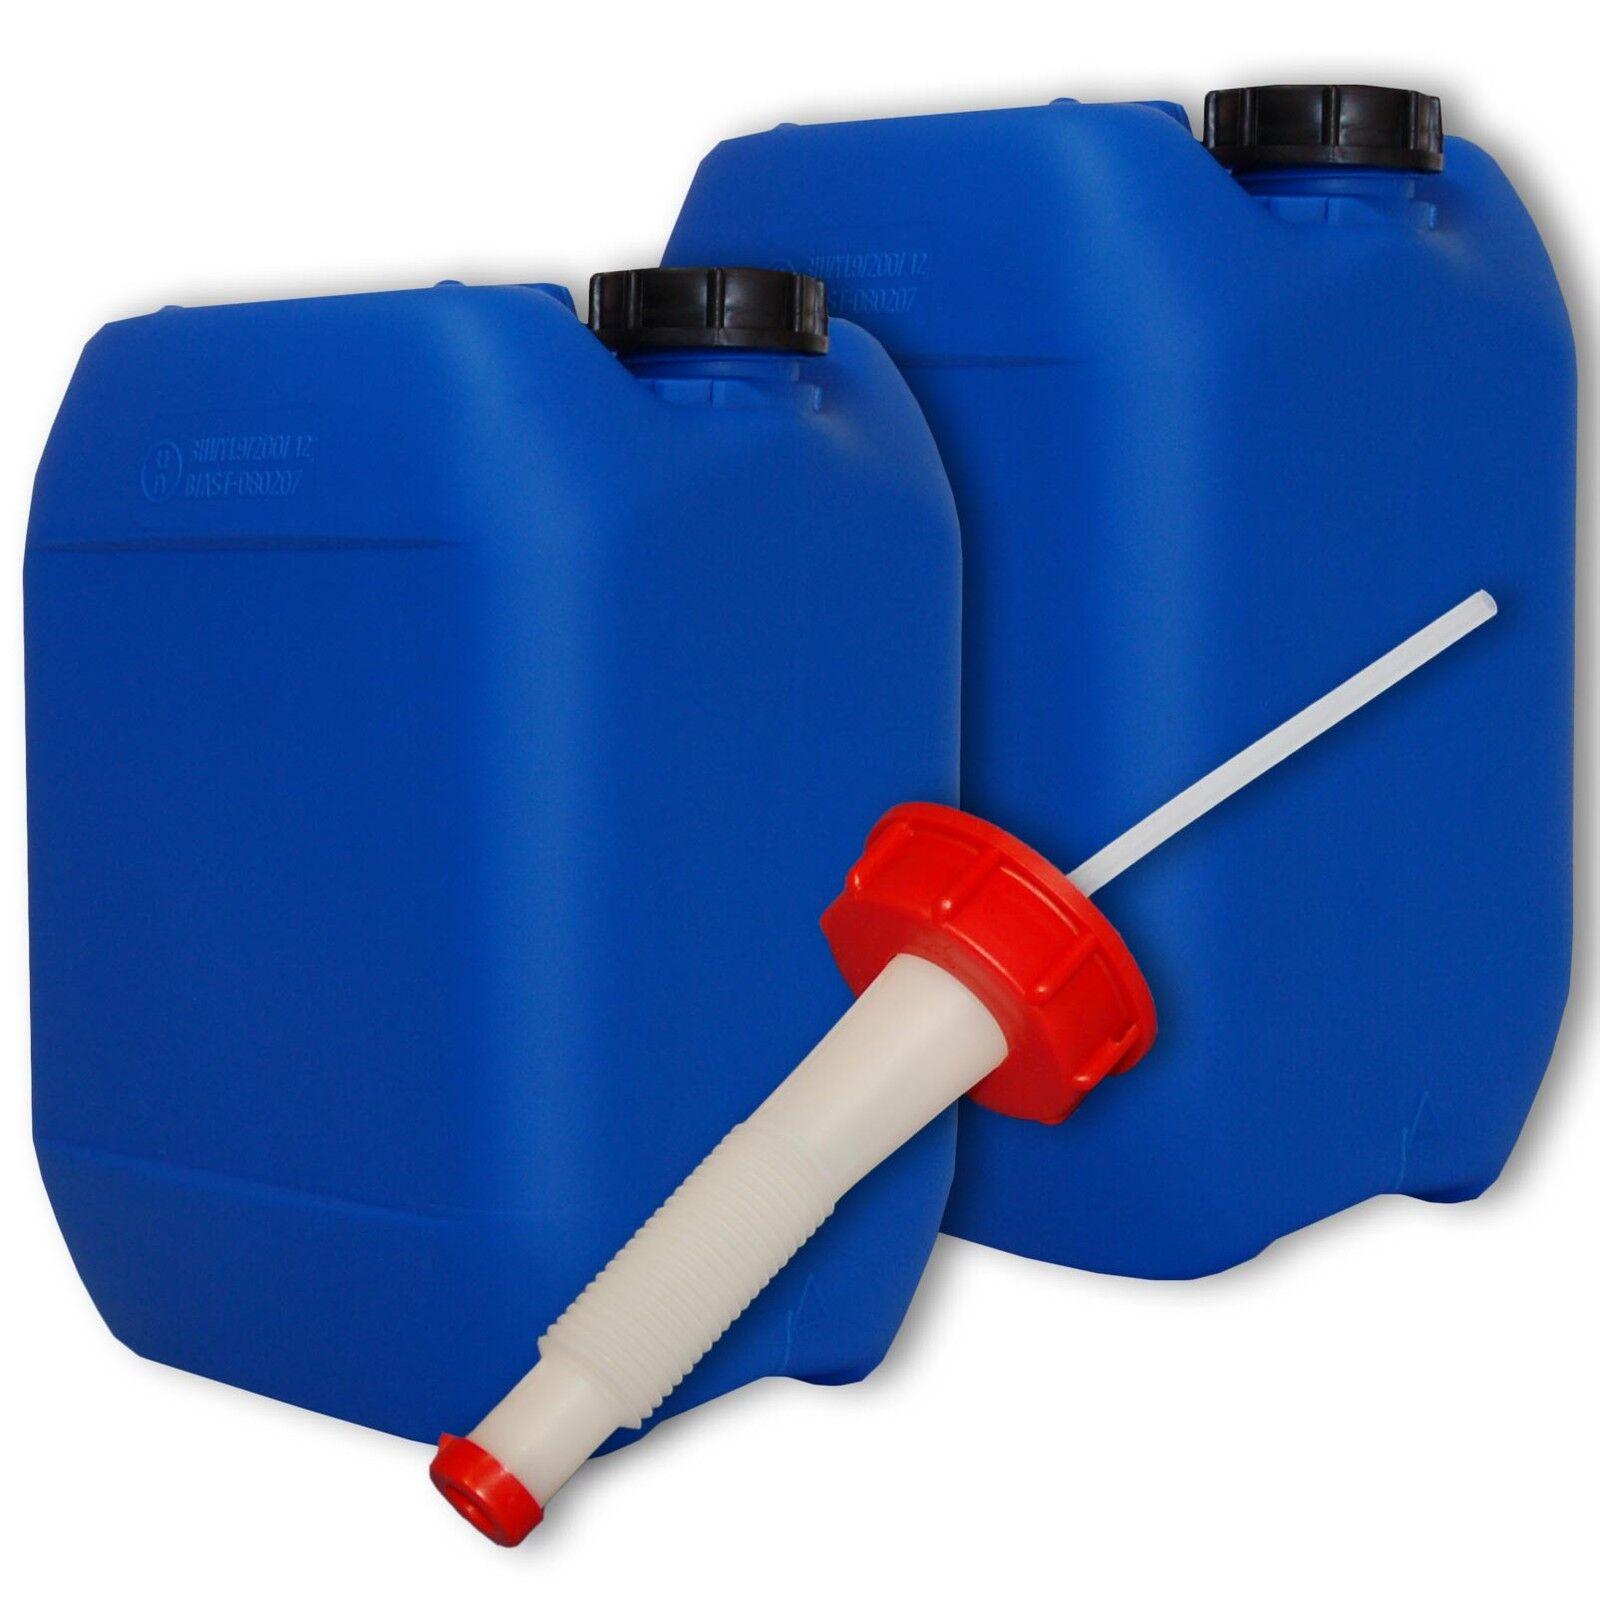 Bidon plastique bleu bleu bleu 10 L - DIN51 + 1 bec flexible, fb. Allemagne (22041+021) b3ad16